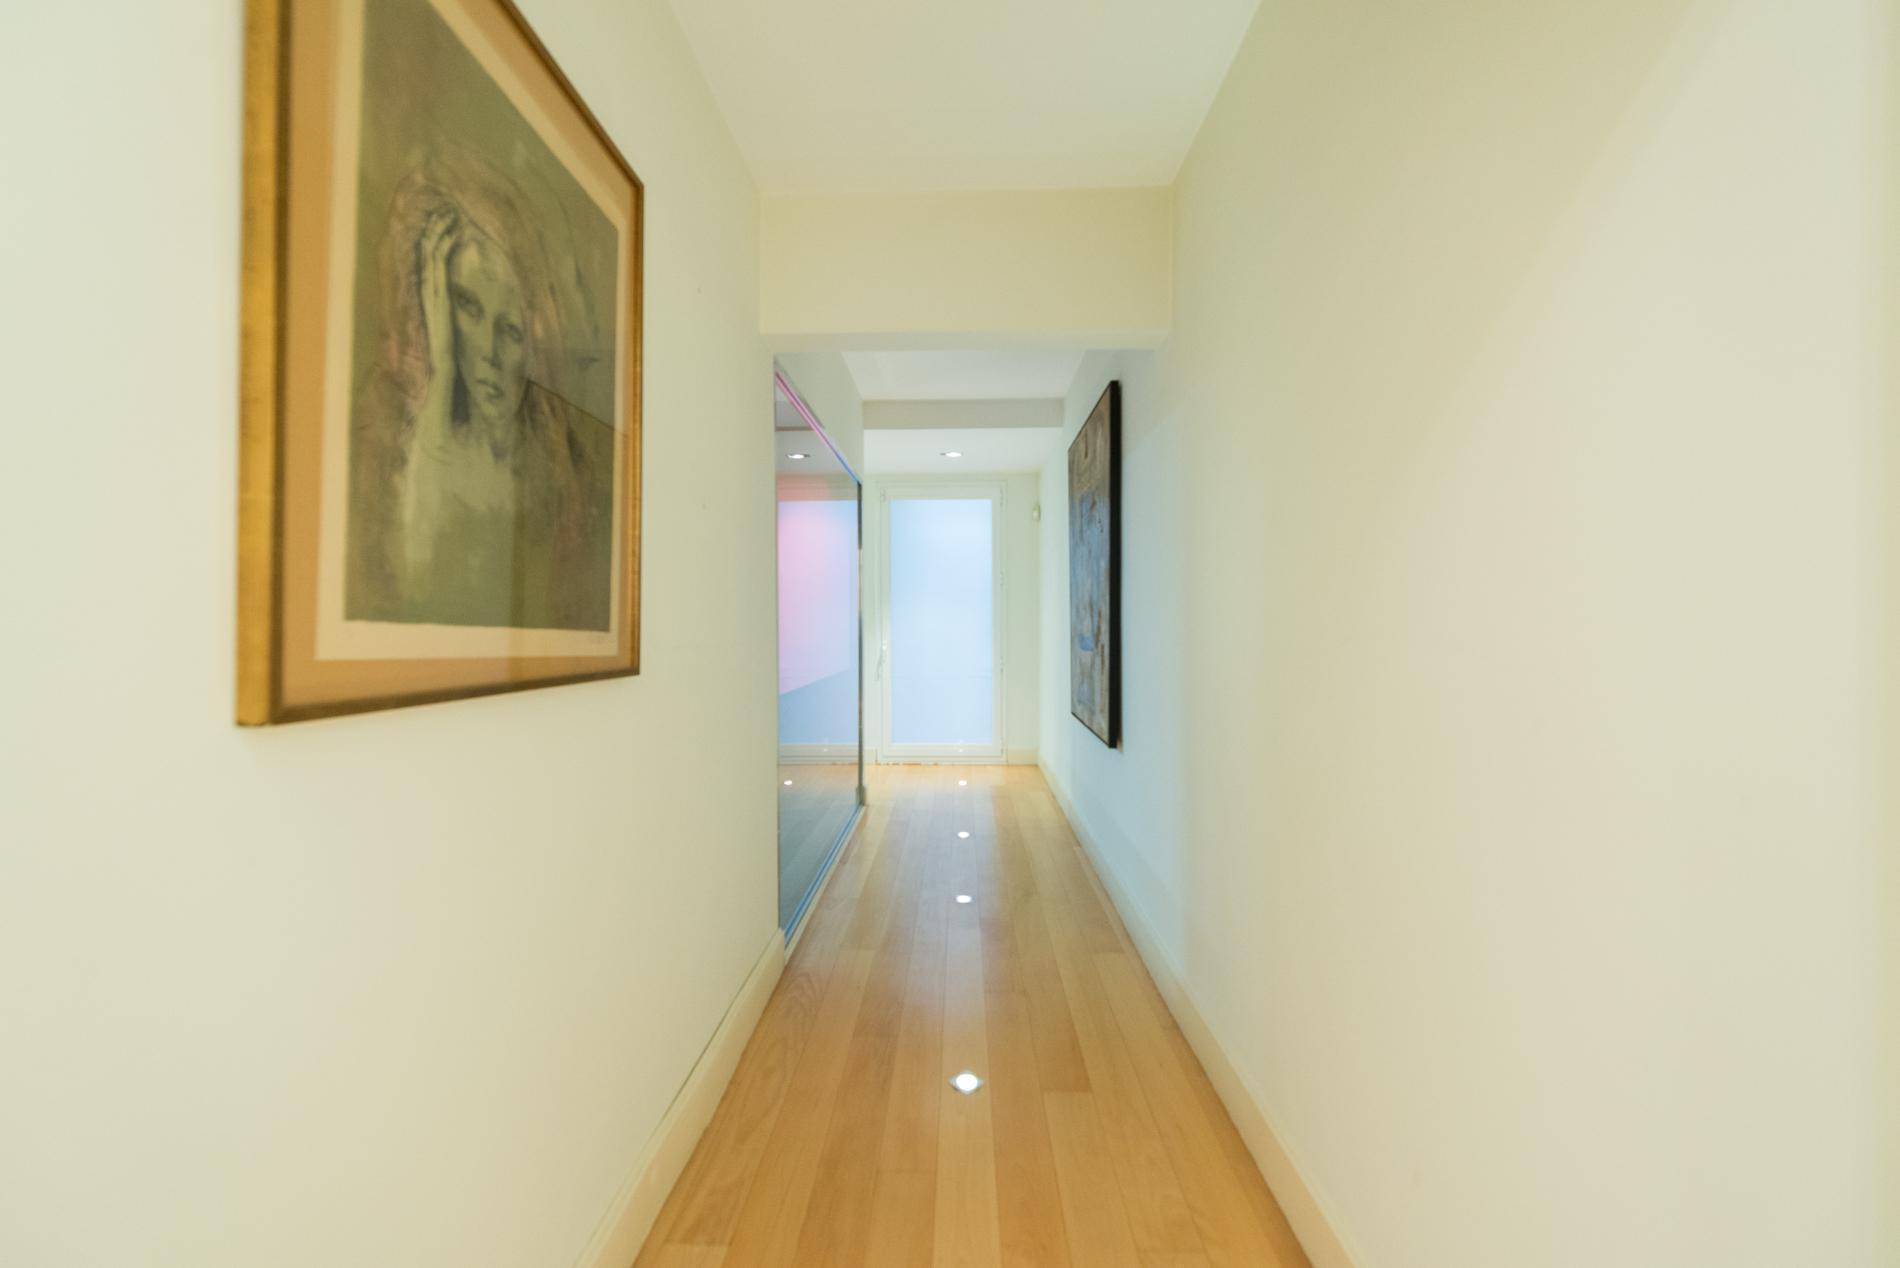 247761 Ground Floor for sale in Sarrià-Sant Gervasi, St. Gervasi-Bonanova 9